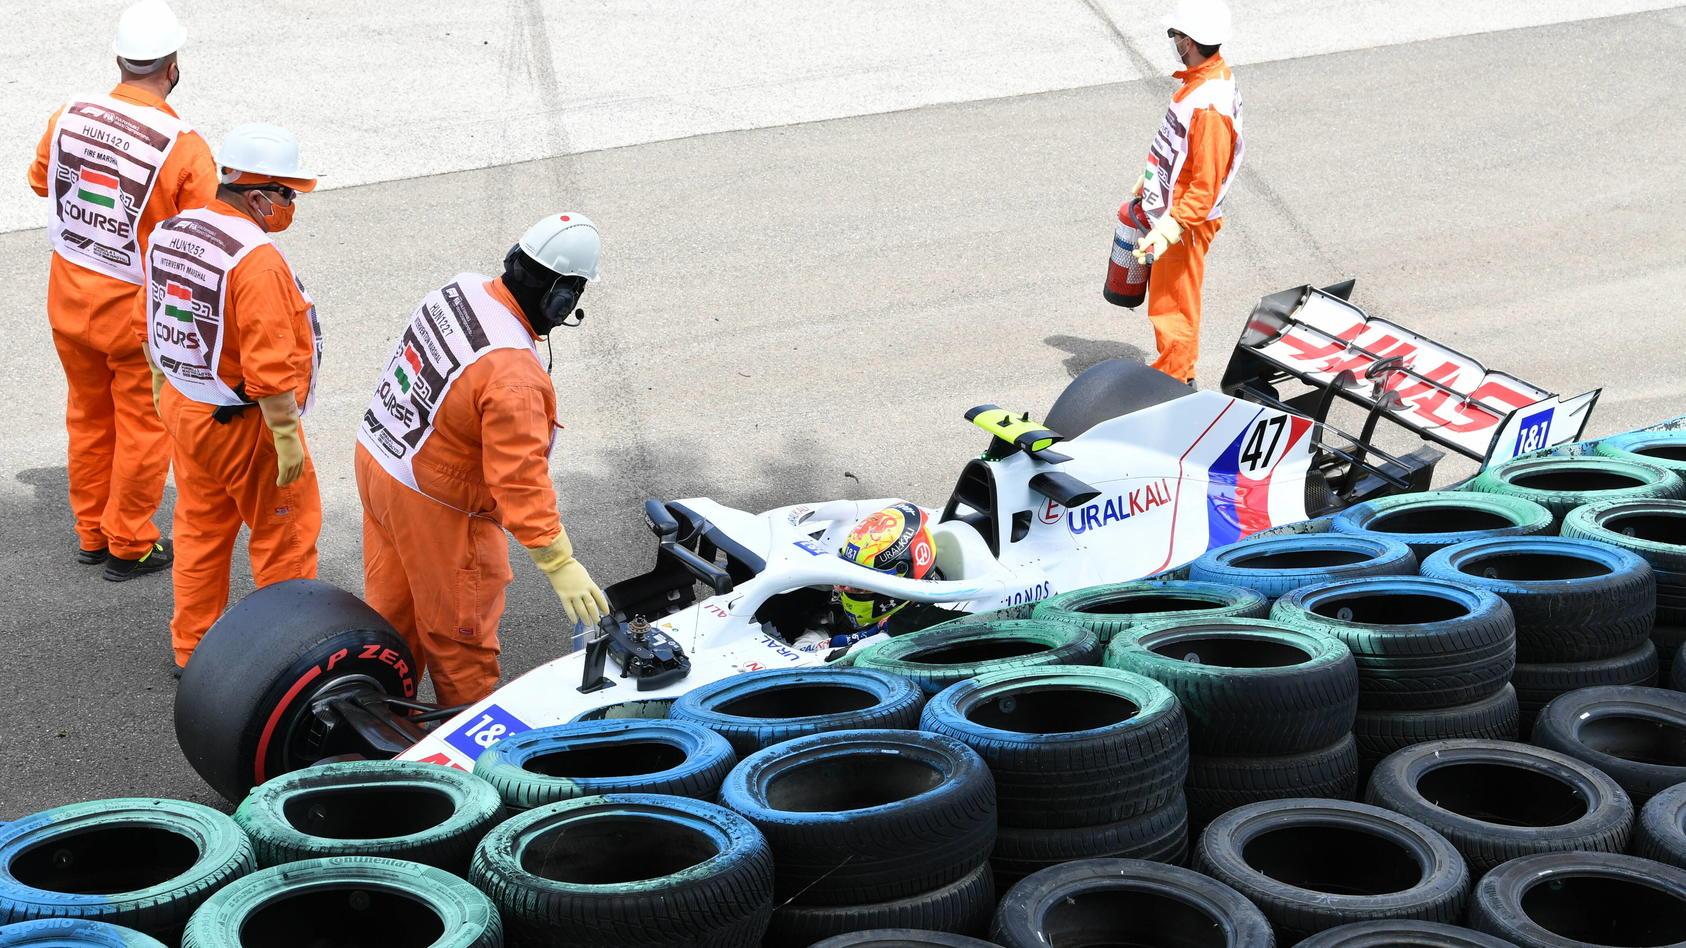 Das frühe Ende des 3. Freien Trainings für Mick Schumacher: Der Rookie landete mit seinem Haas in den Reifenstapeln